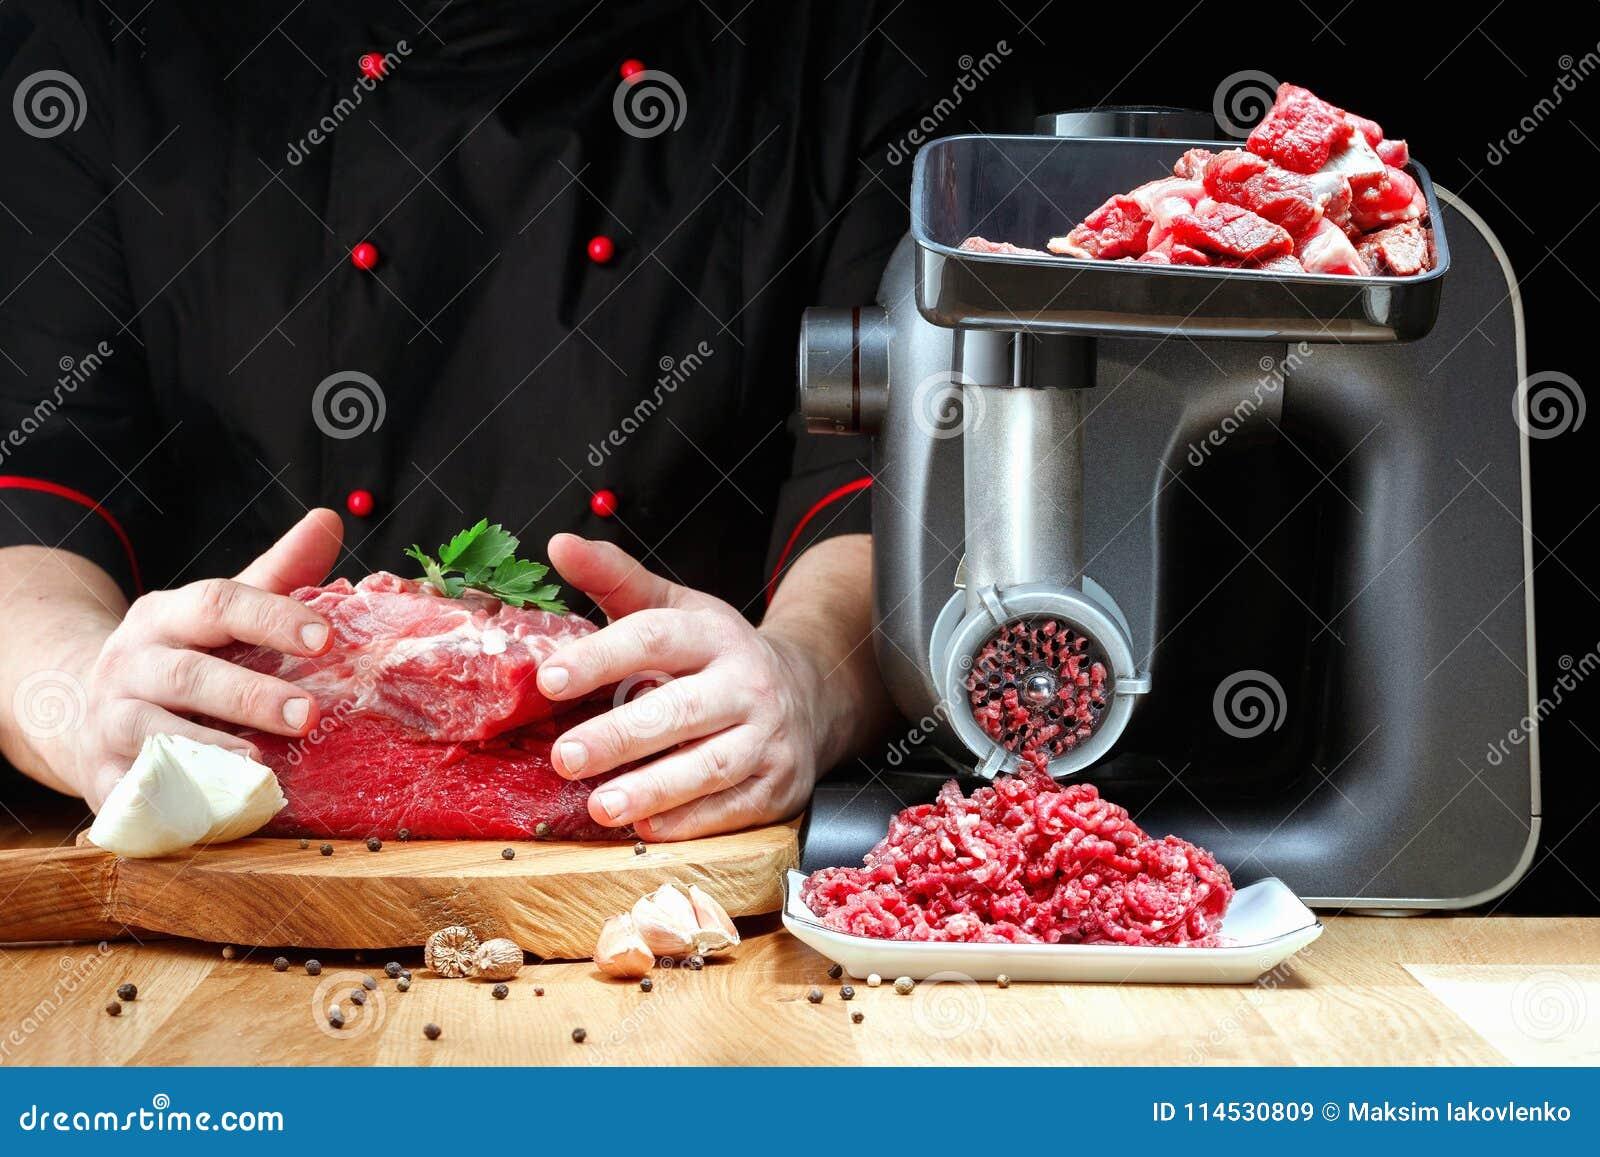 Den yrkesmässiga kocken förbereder köttfärs från nytt kött på mörk bakgrund